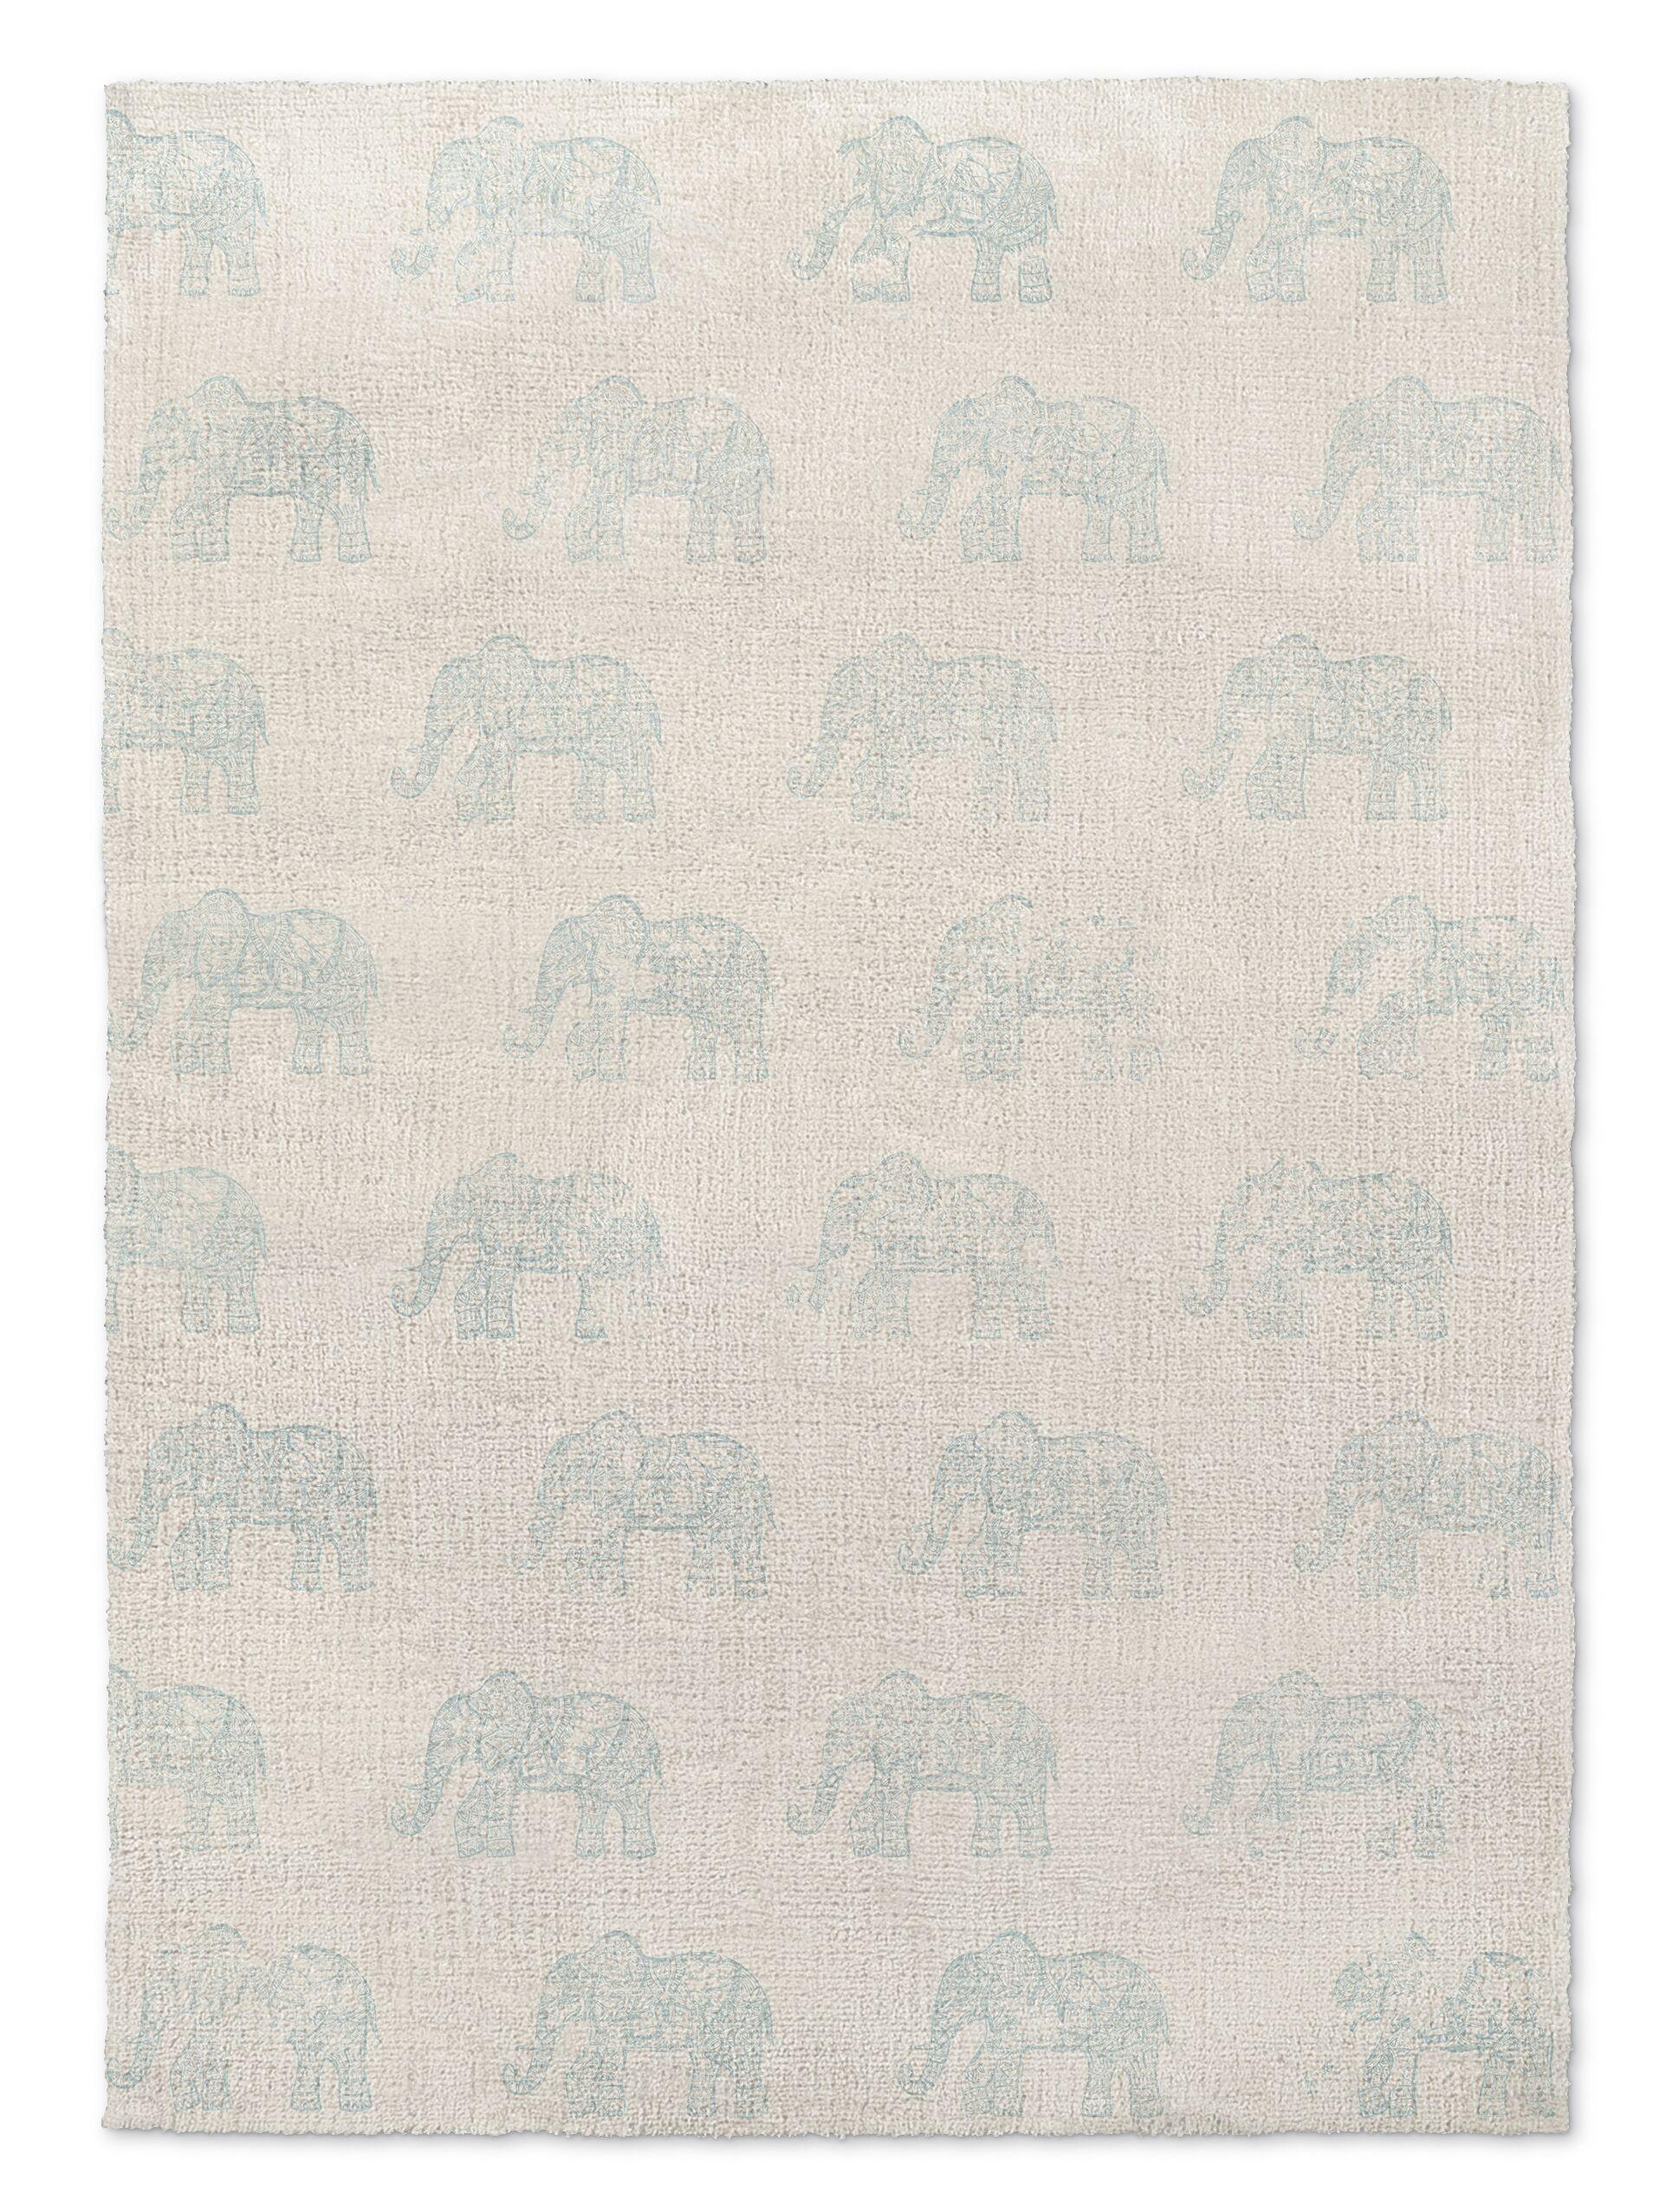 Netea Blue/Ivory Area Rug Rug Size: 8' x 10'